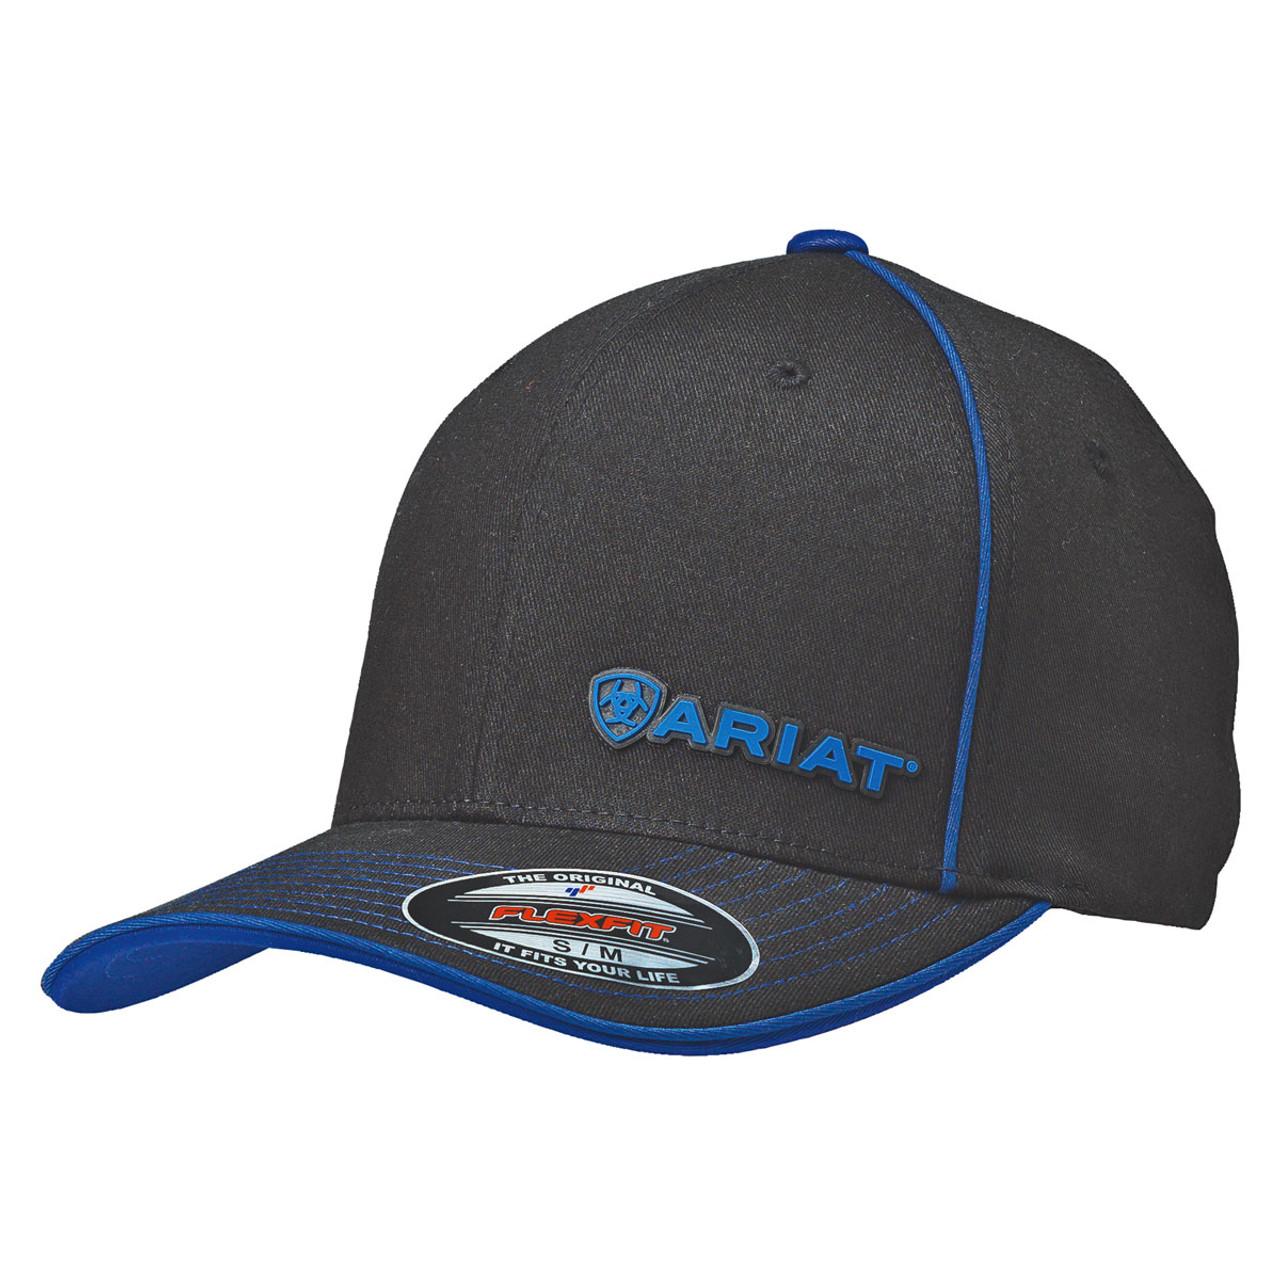 59167ba335d8f Ariat Men s Black Flex Fit Ball Cap - Option Three Sixty